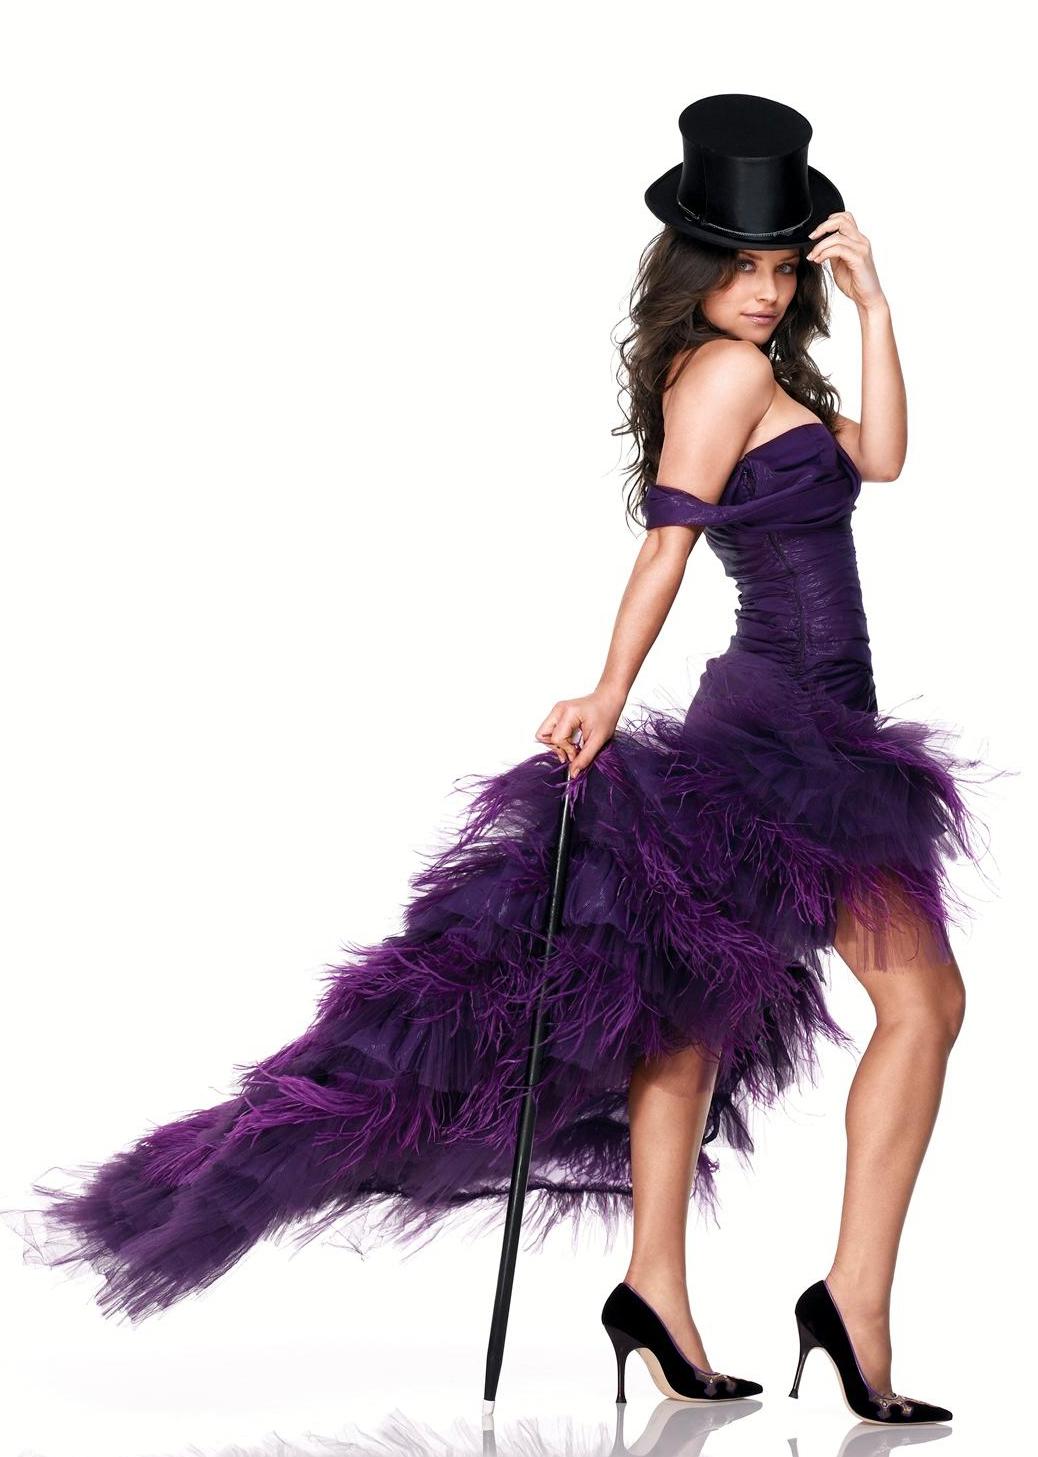 We Love Women: Evangeline Lilly